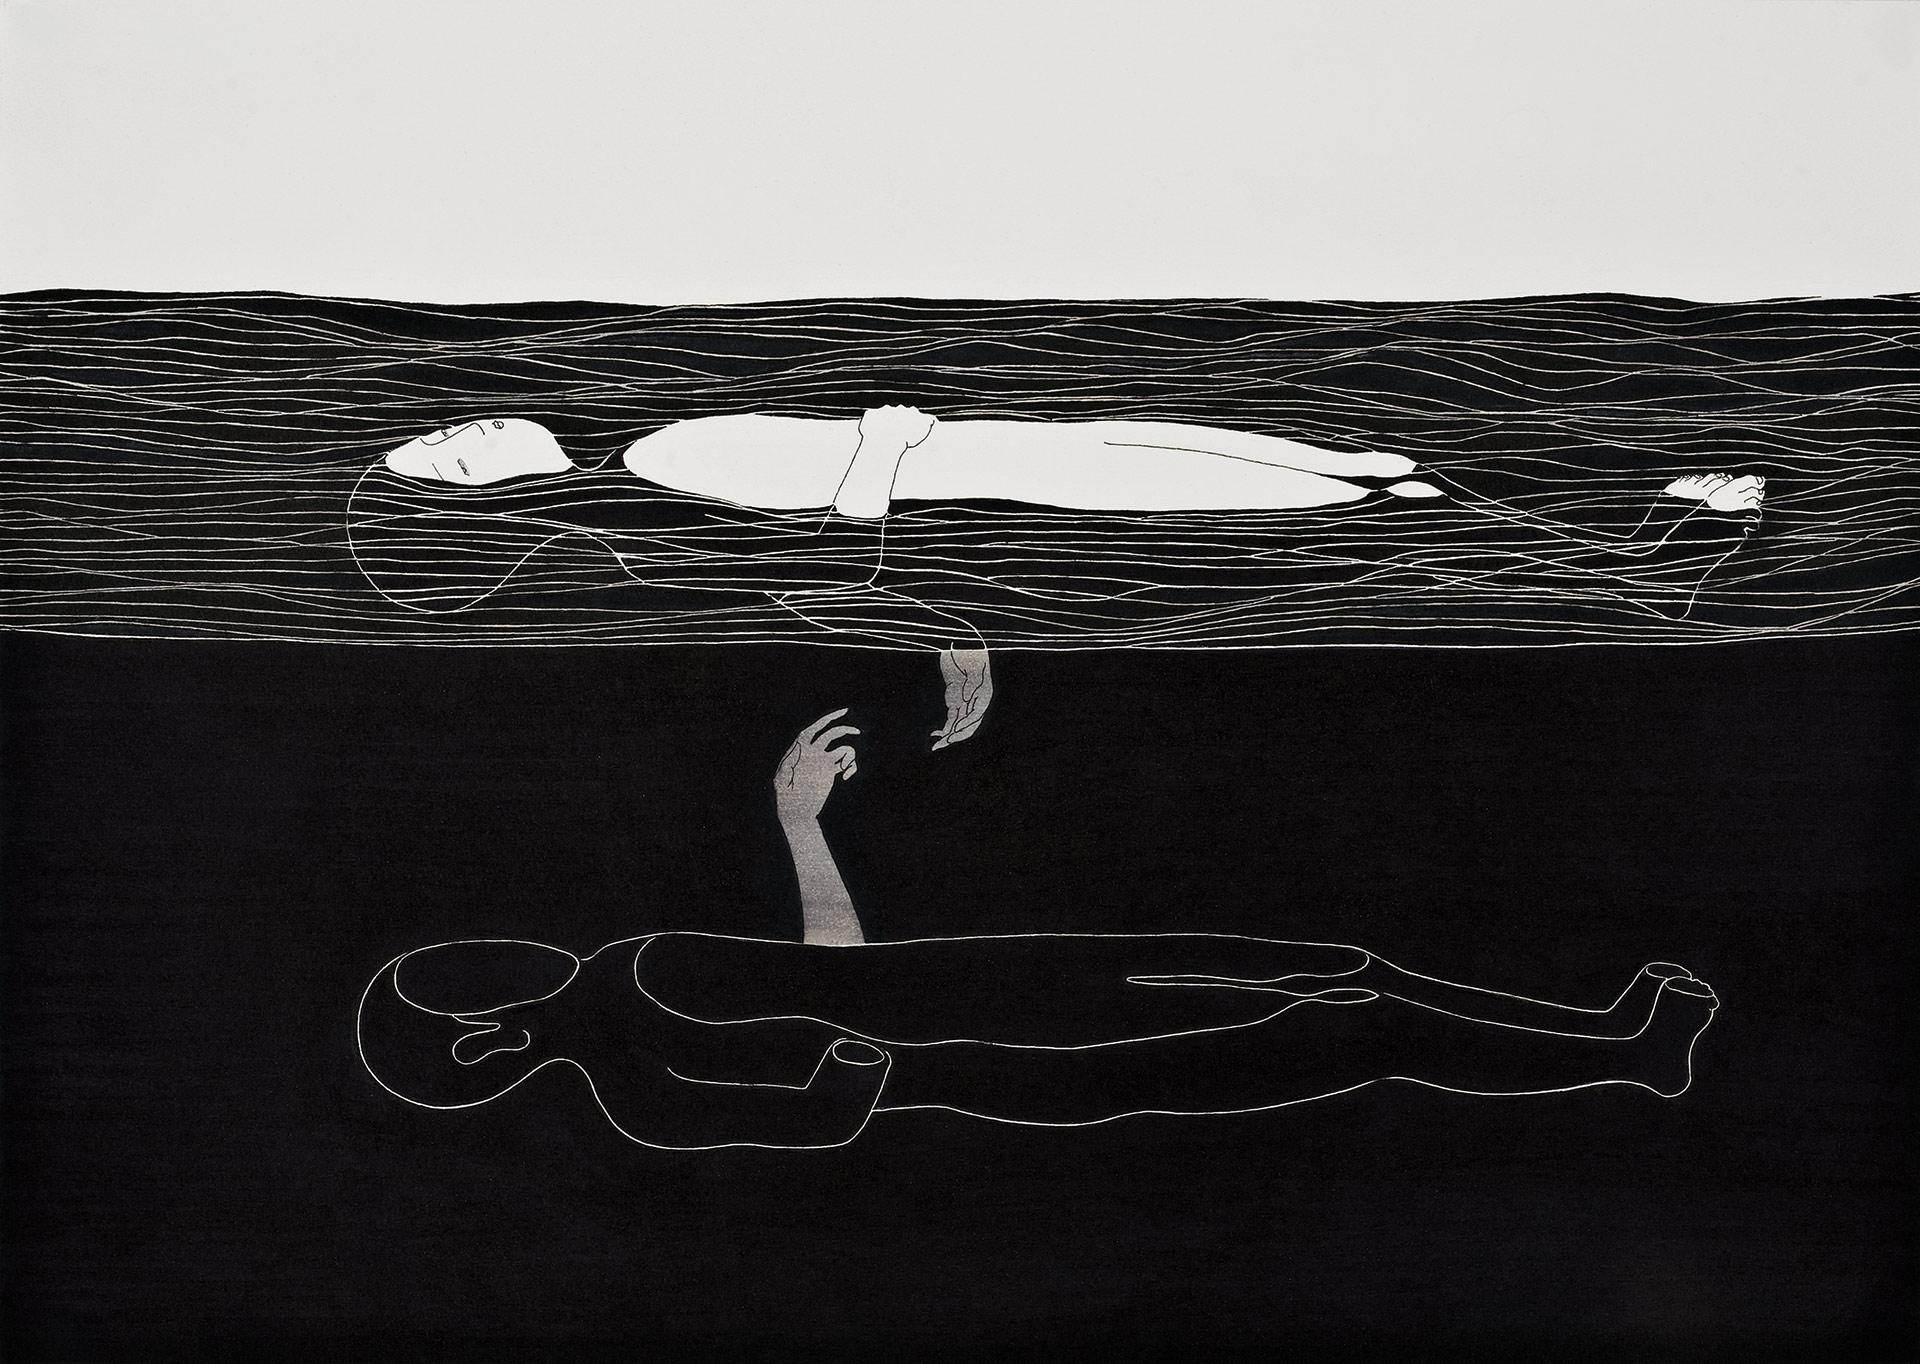 자꾸만 네가 떠올라  /  Sinking of you   Op.0039P -42 x 29.7 cm,종이에 펜, 마커 / Pigment liner and marker on paper, 2010